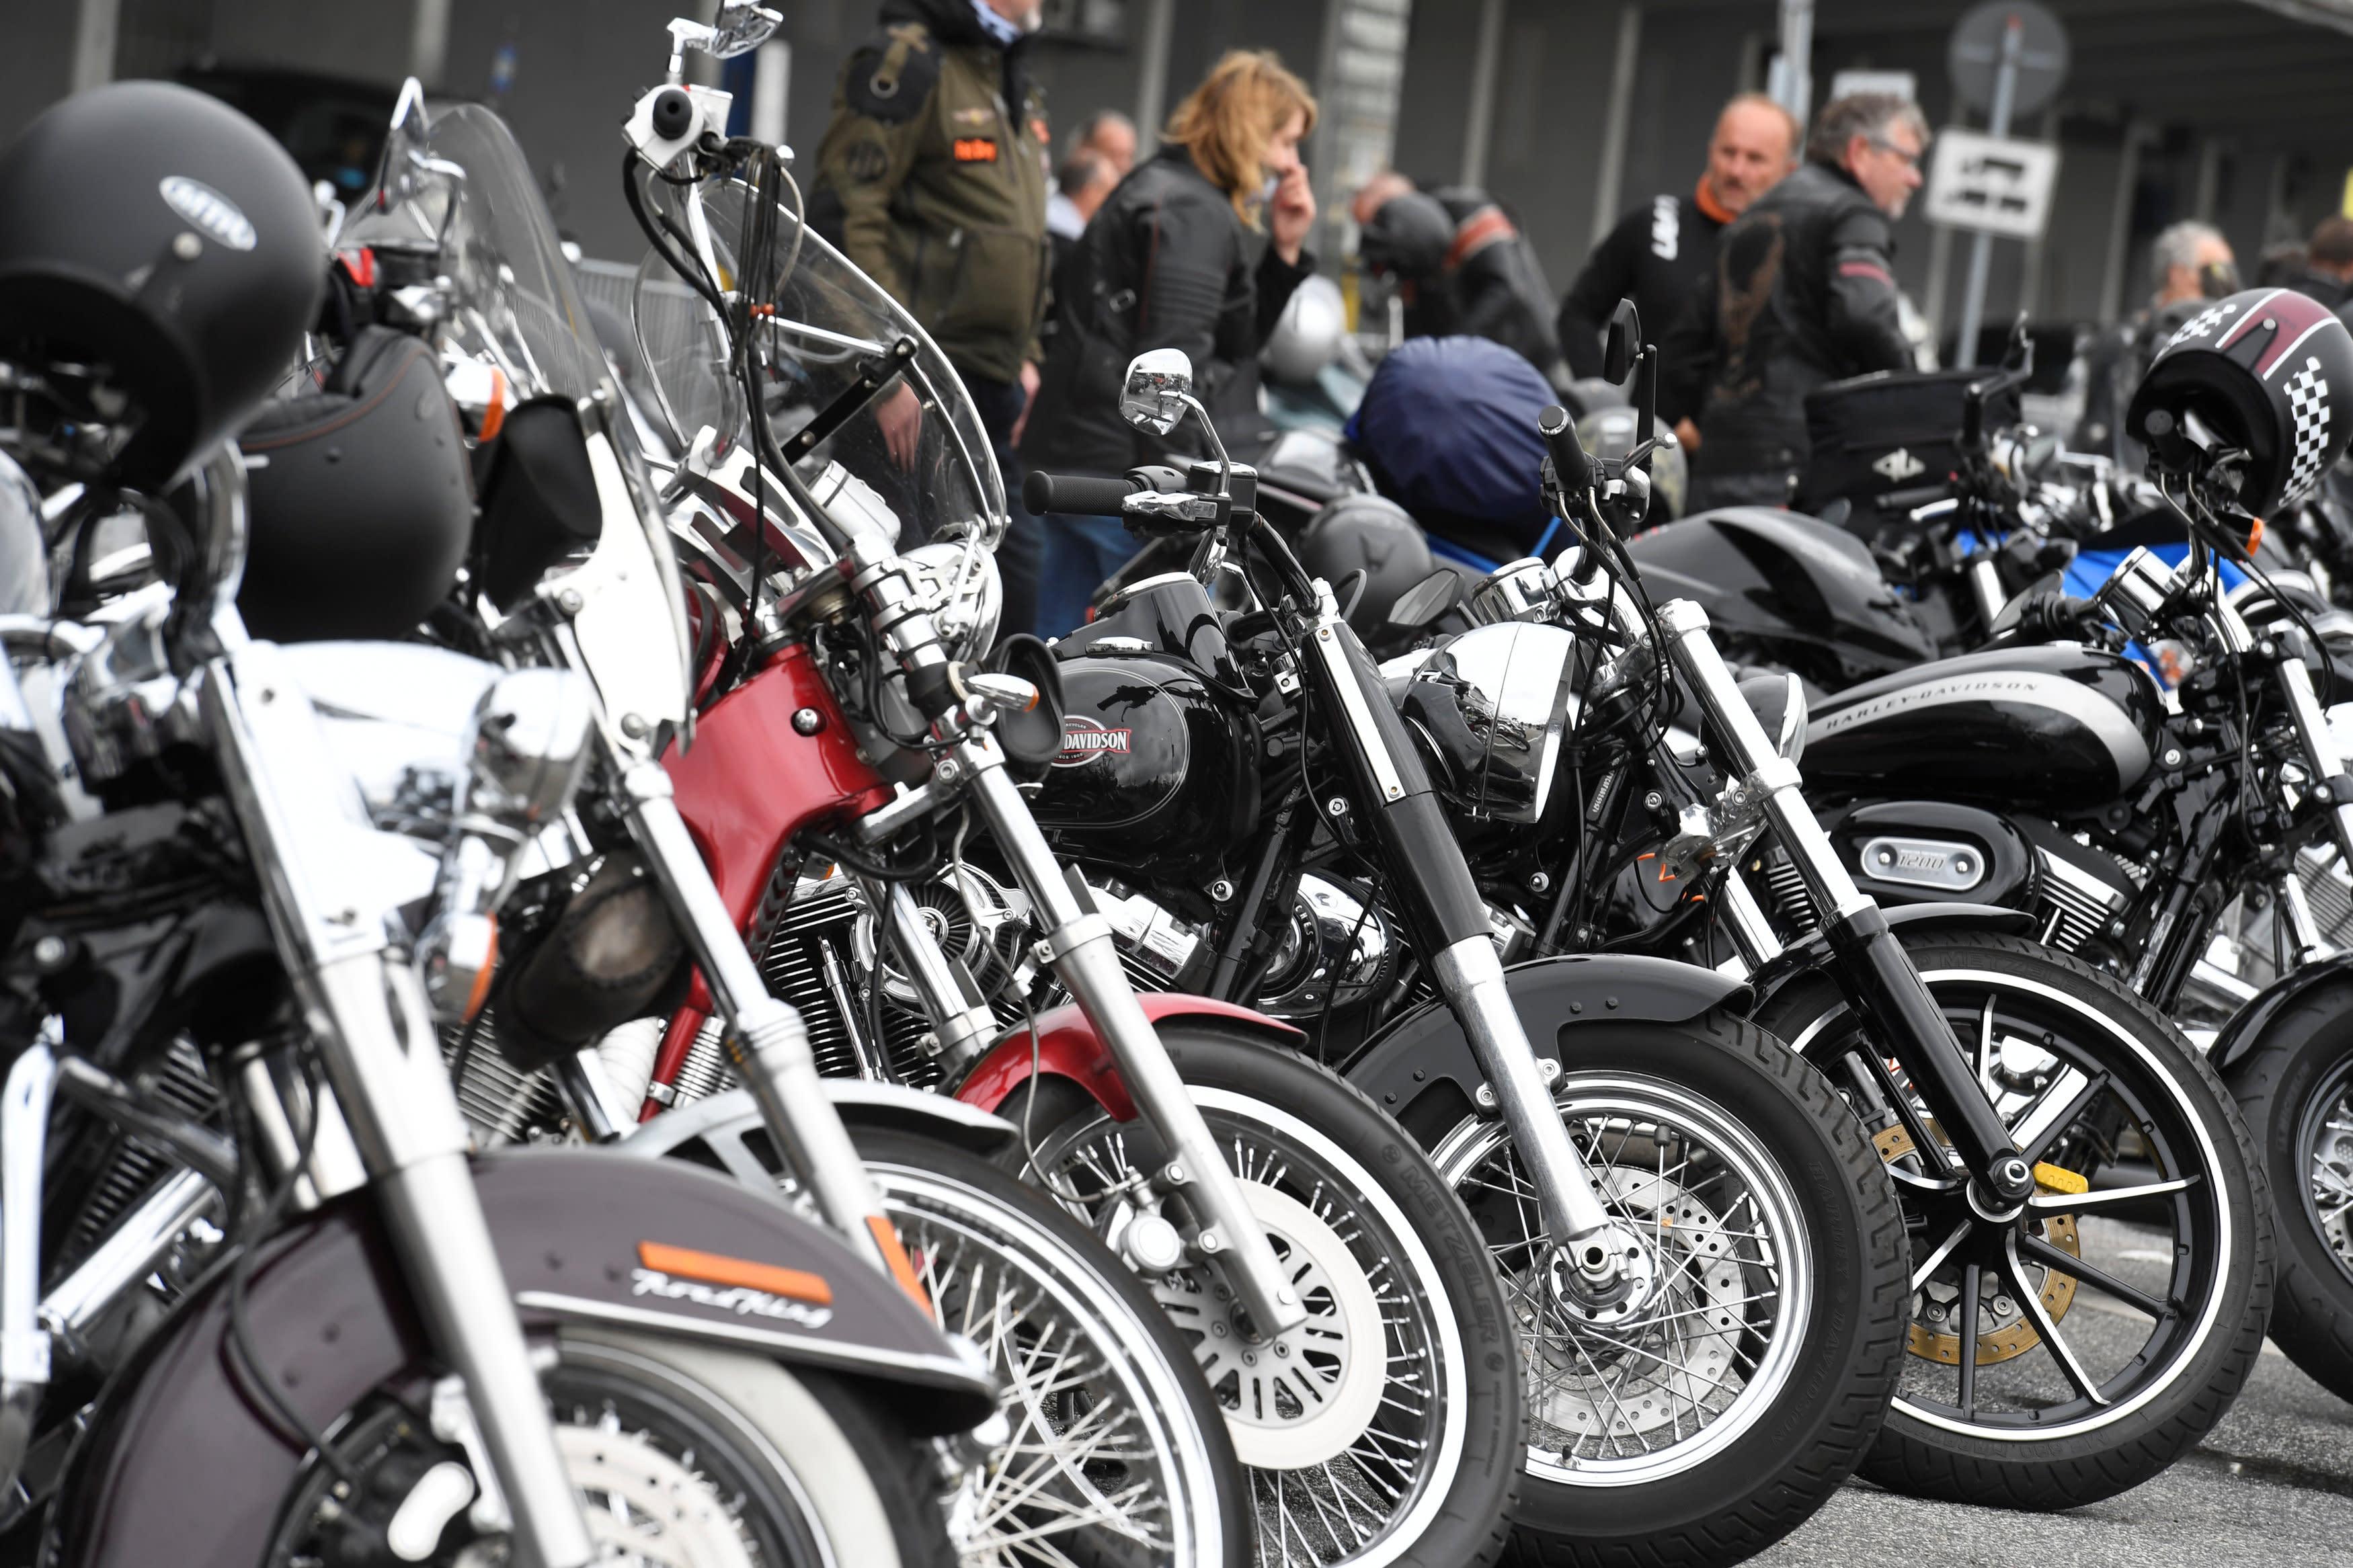 Trump should buy Harley-Davidson